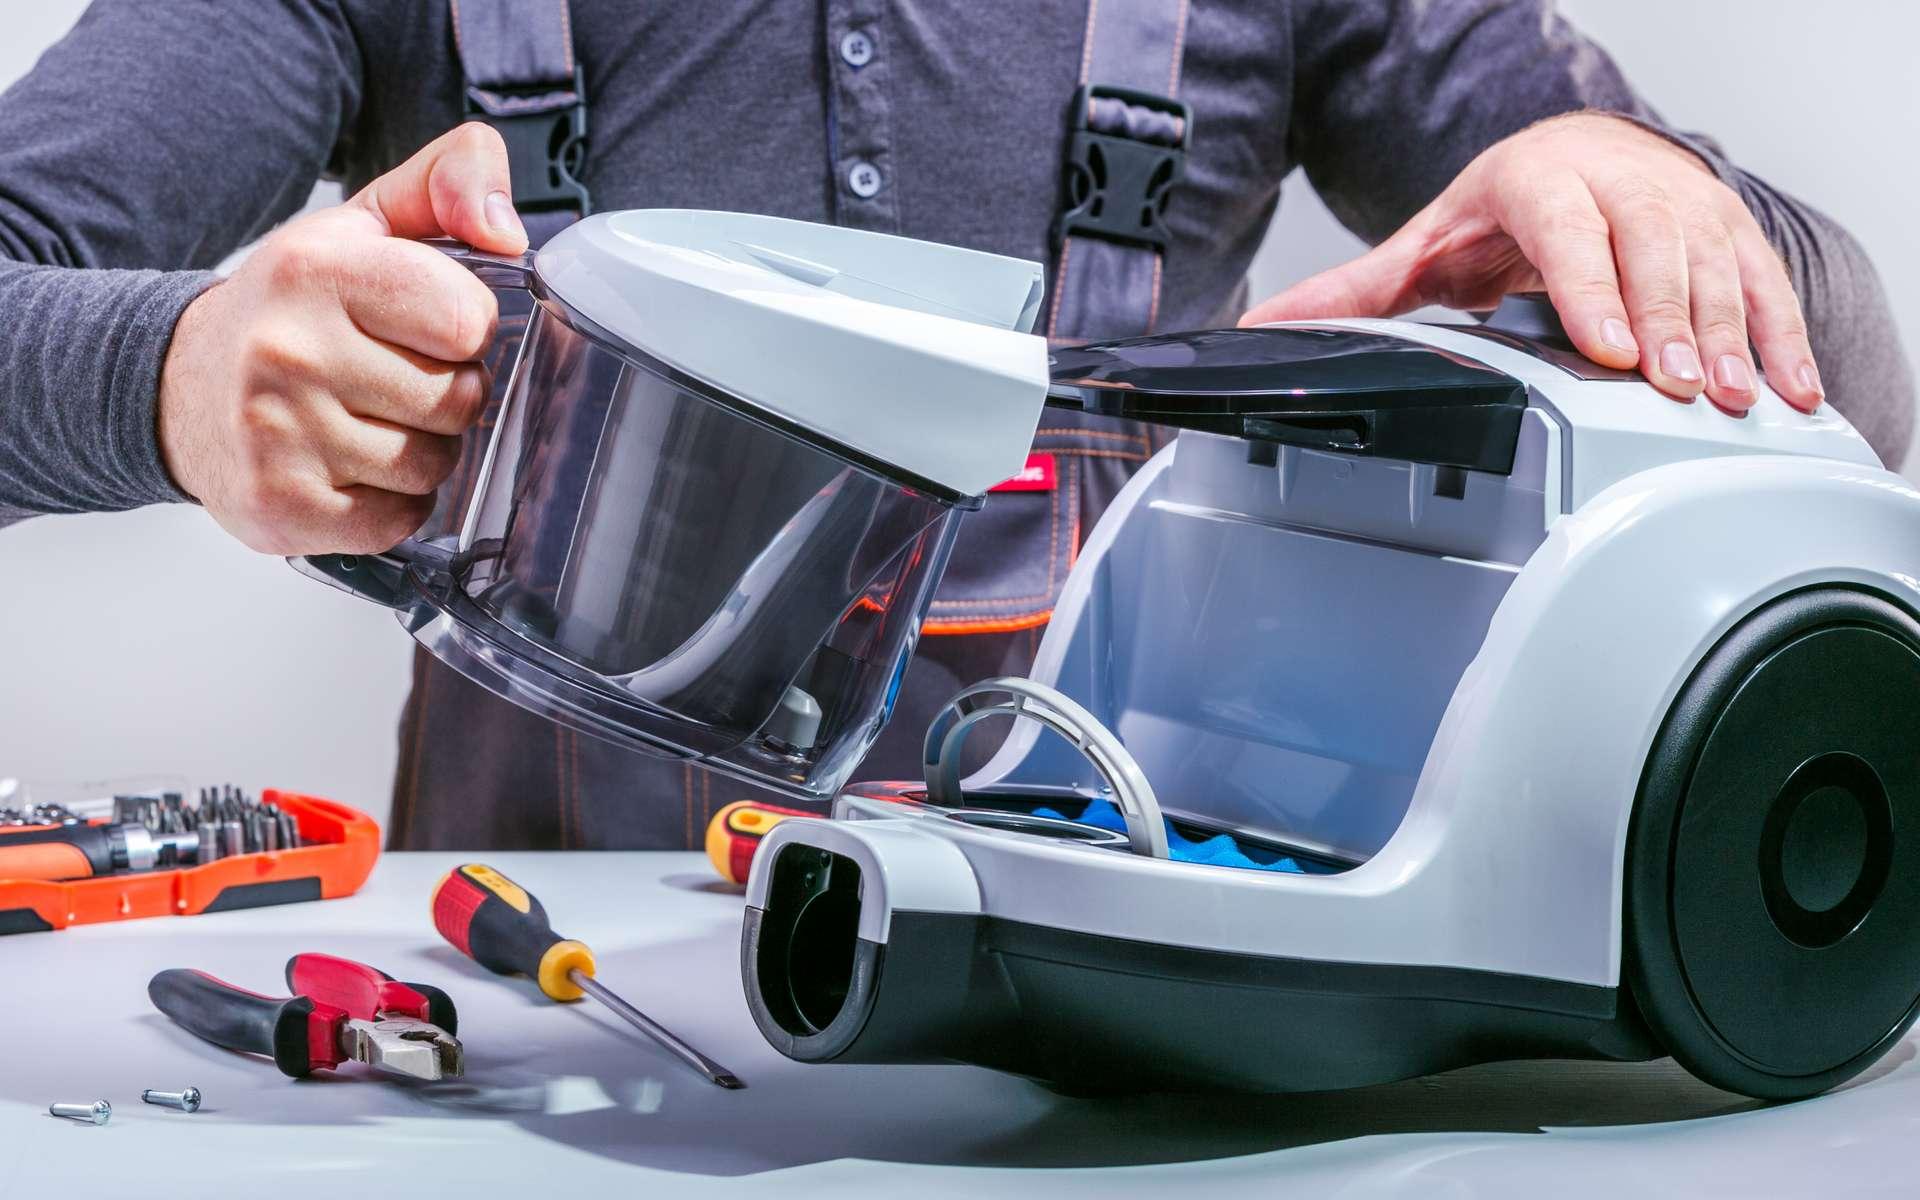 Avec l'impression 3D, il est possible de produire des pièces détachées et ainsi lutter contre l'obsolescence programmée. © 22091967, Adobe Stock